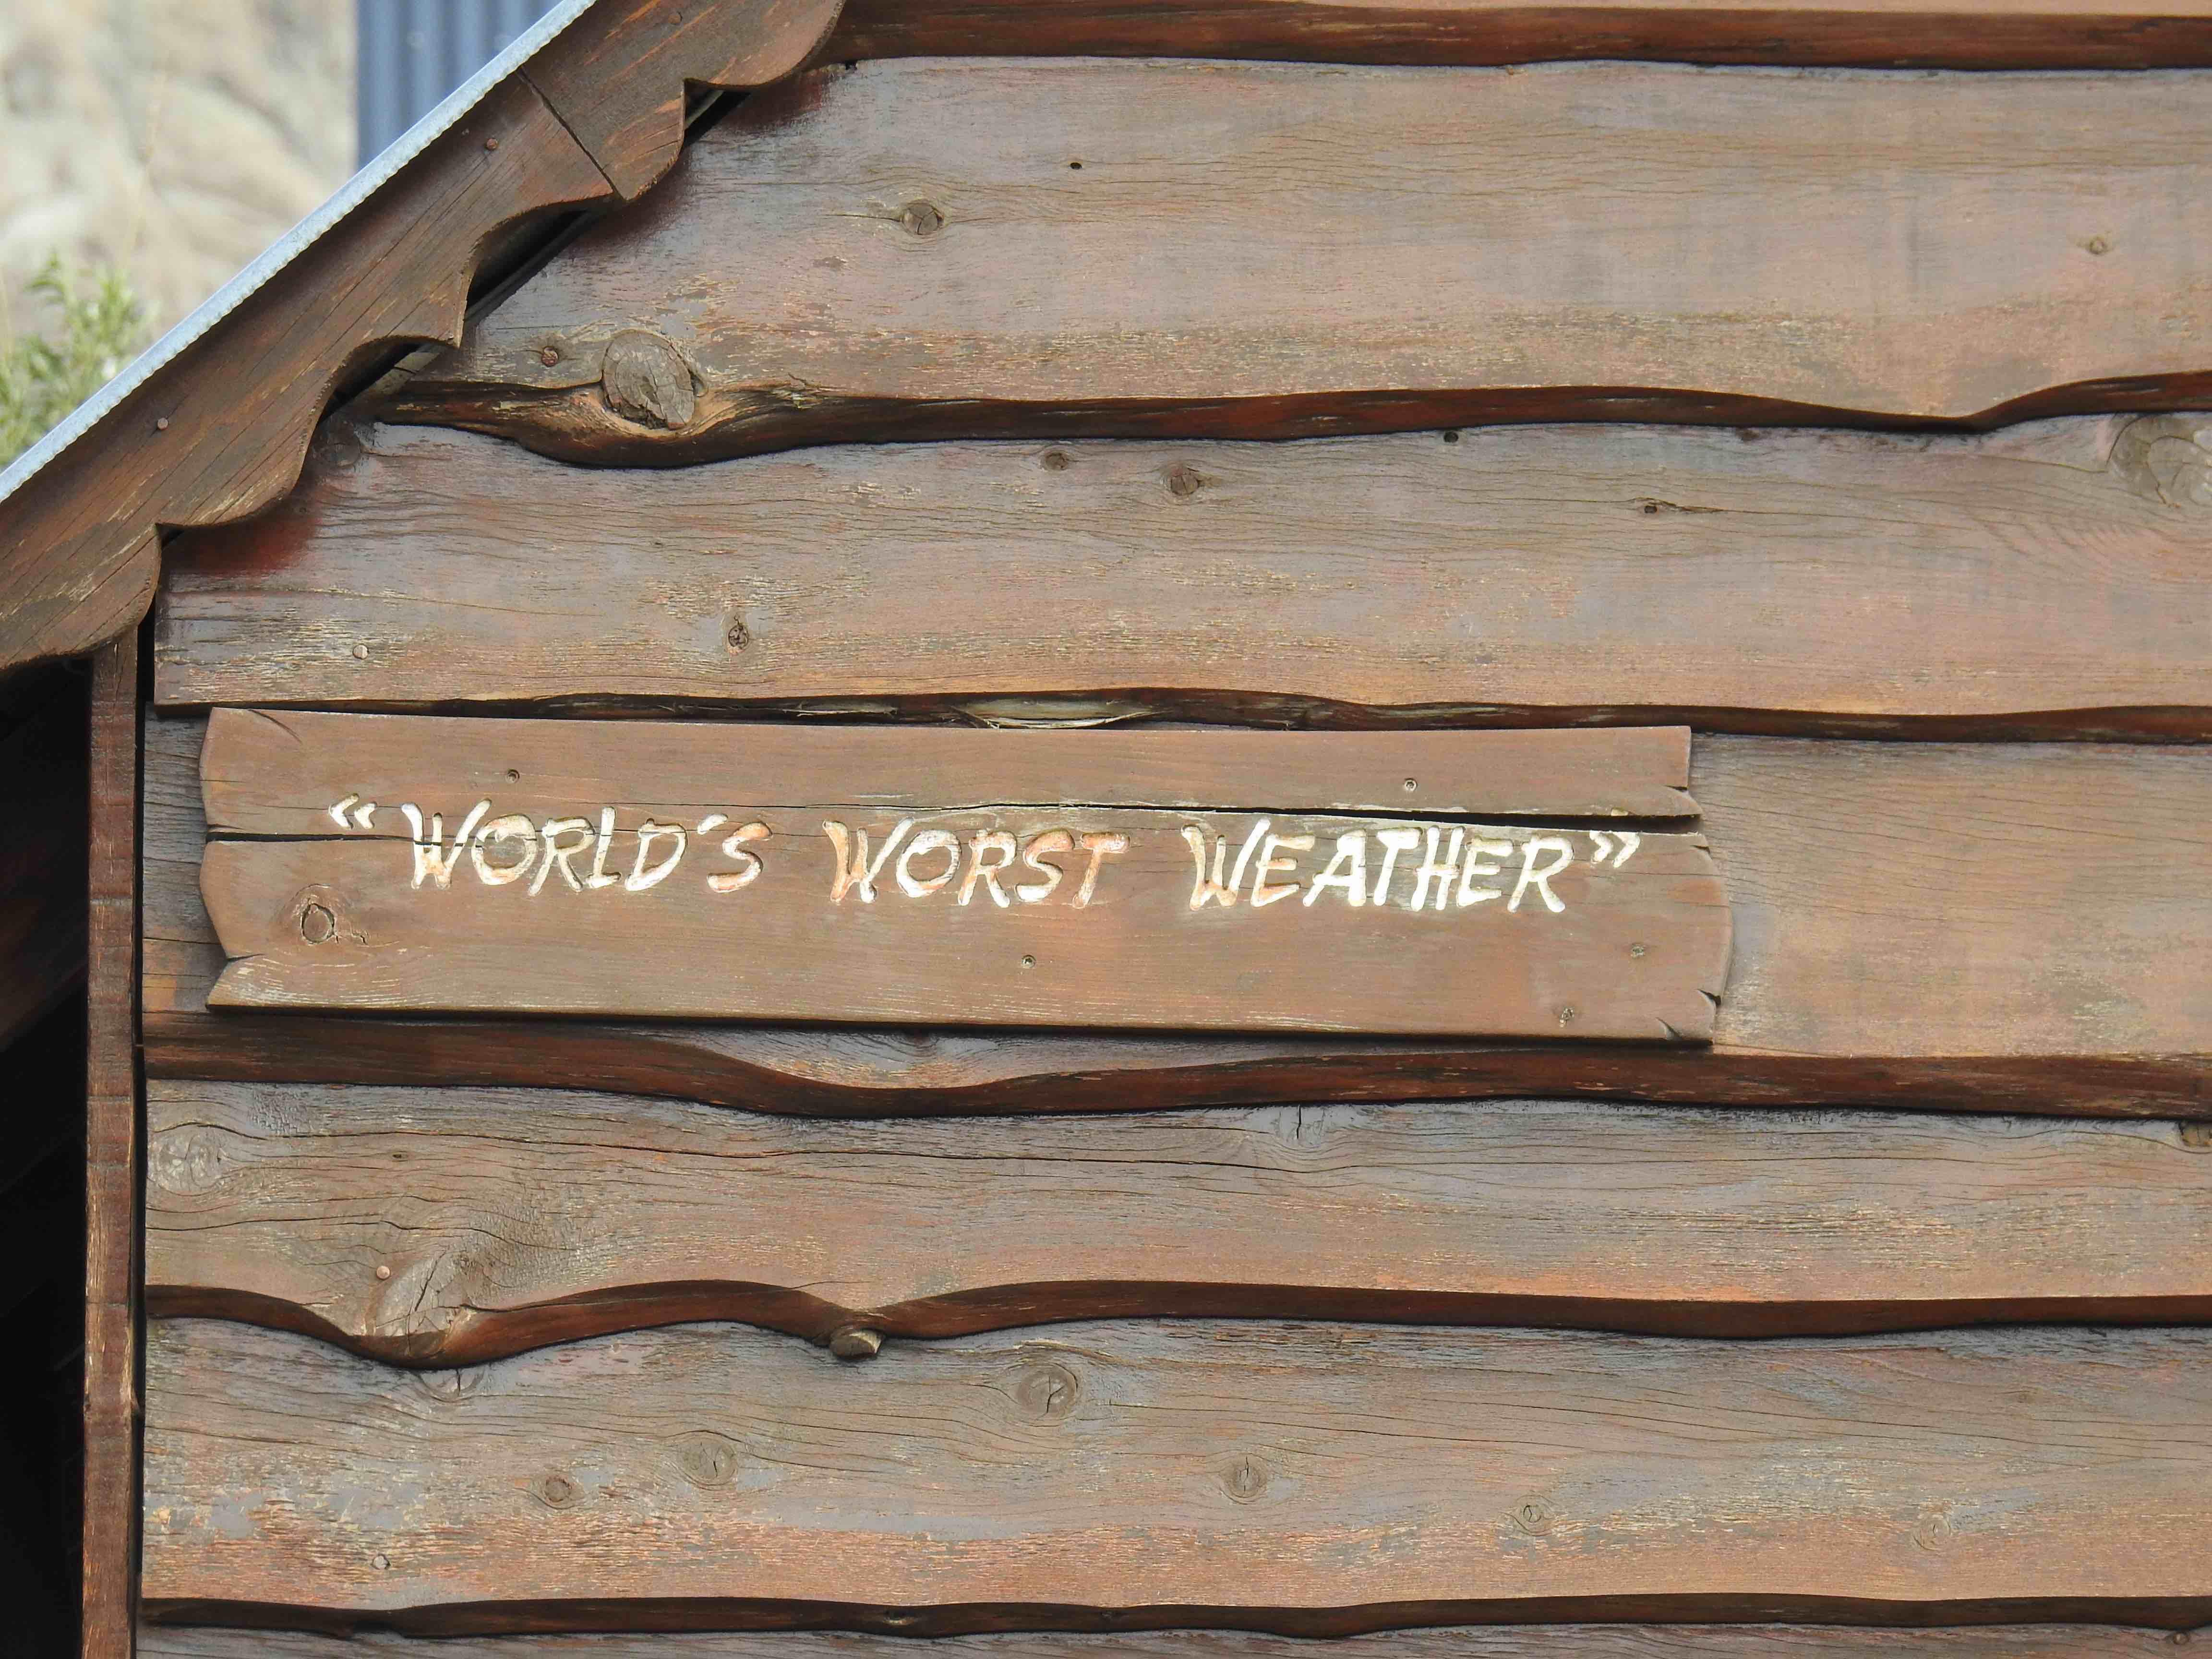 Worlds Worst Weather.jpg